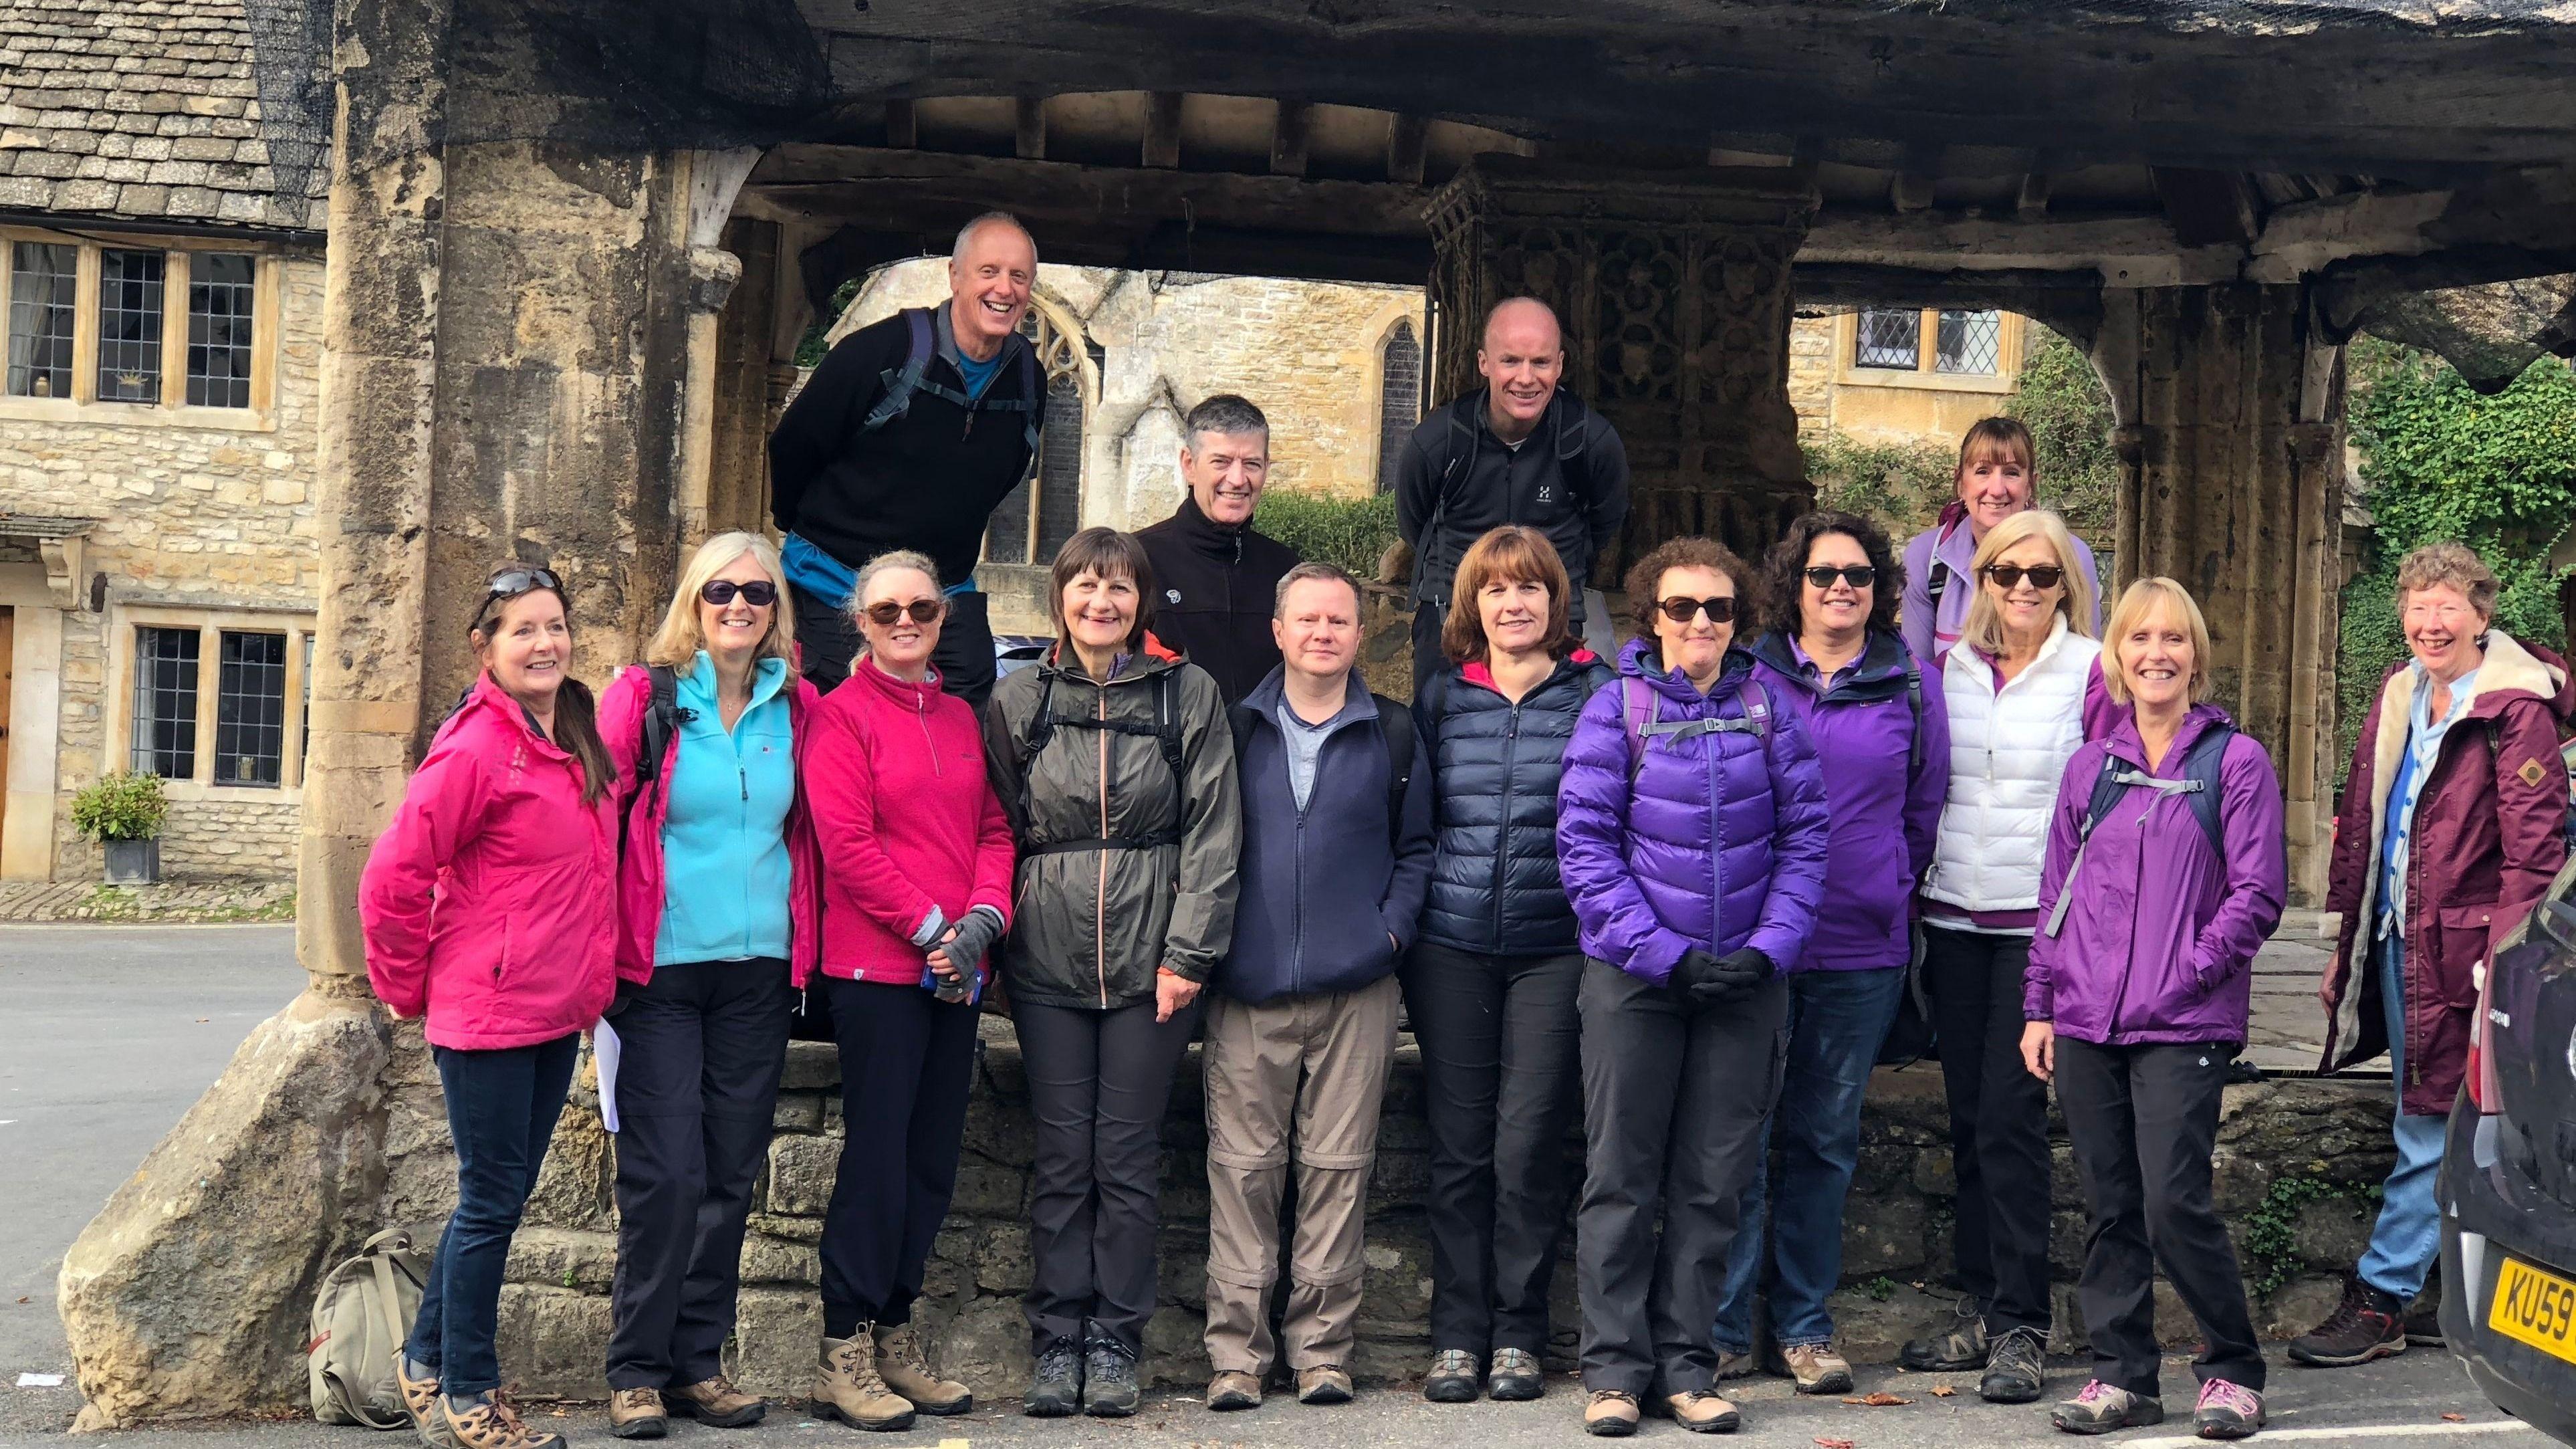 The Farnborough and Farnham Friends Meetup Group